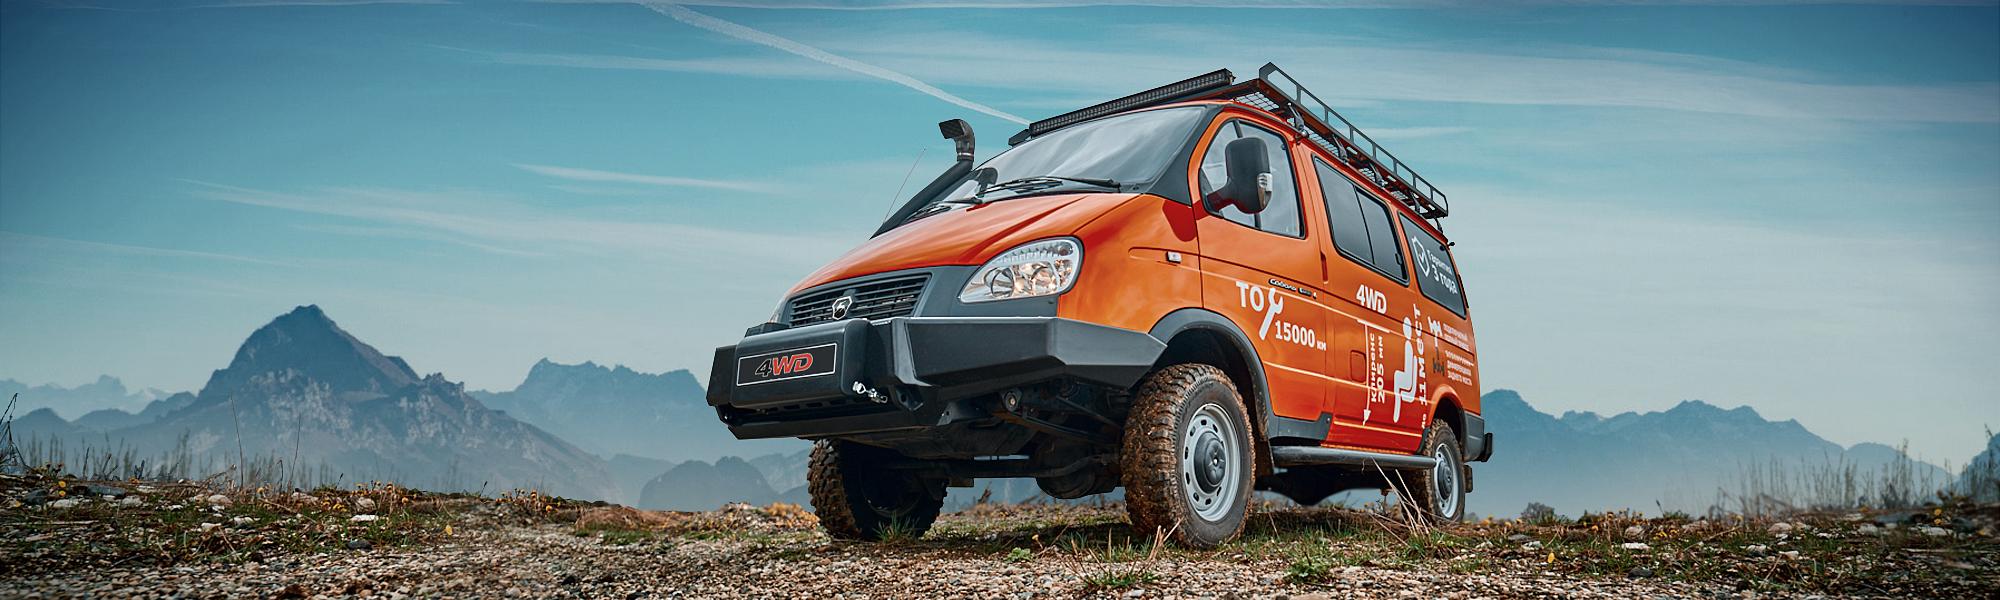 Автомобиль ГАЗель на базе 4WD, оранжевый. Десктопное изображение